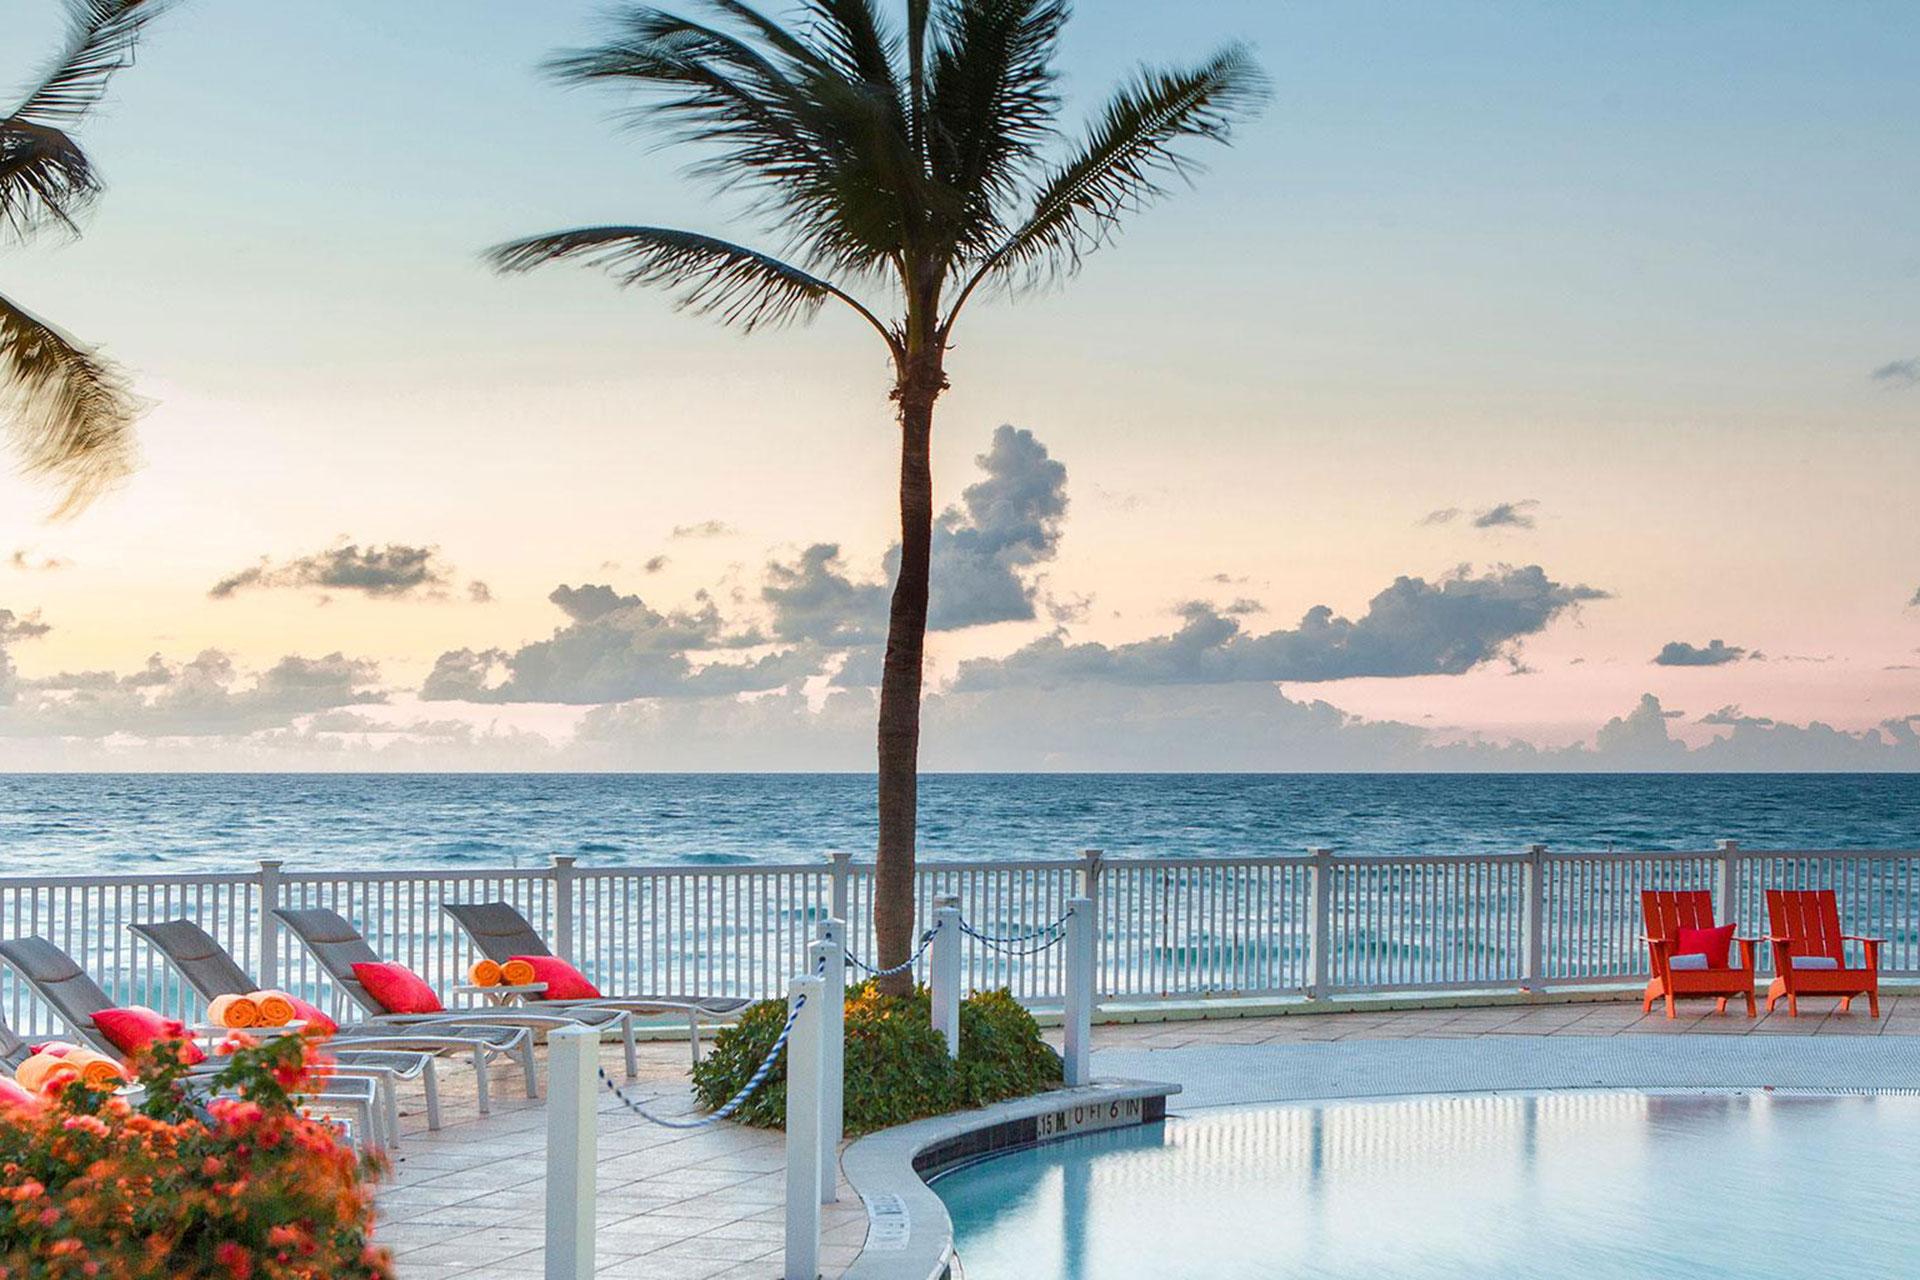 Pool With Ocean View at Pelican Grand Beach Resort